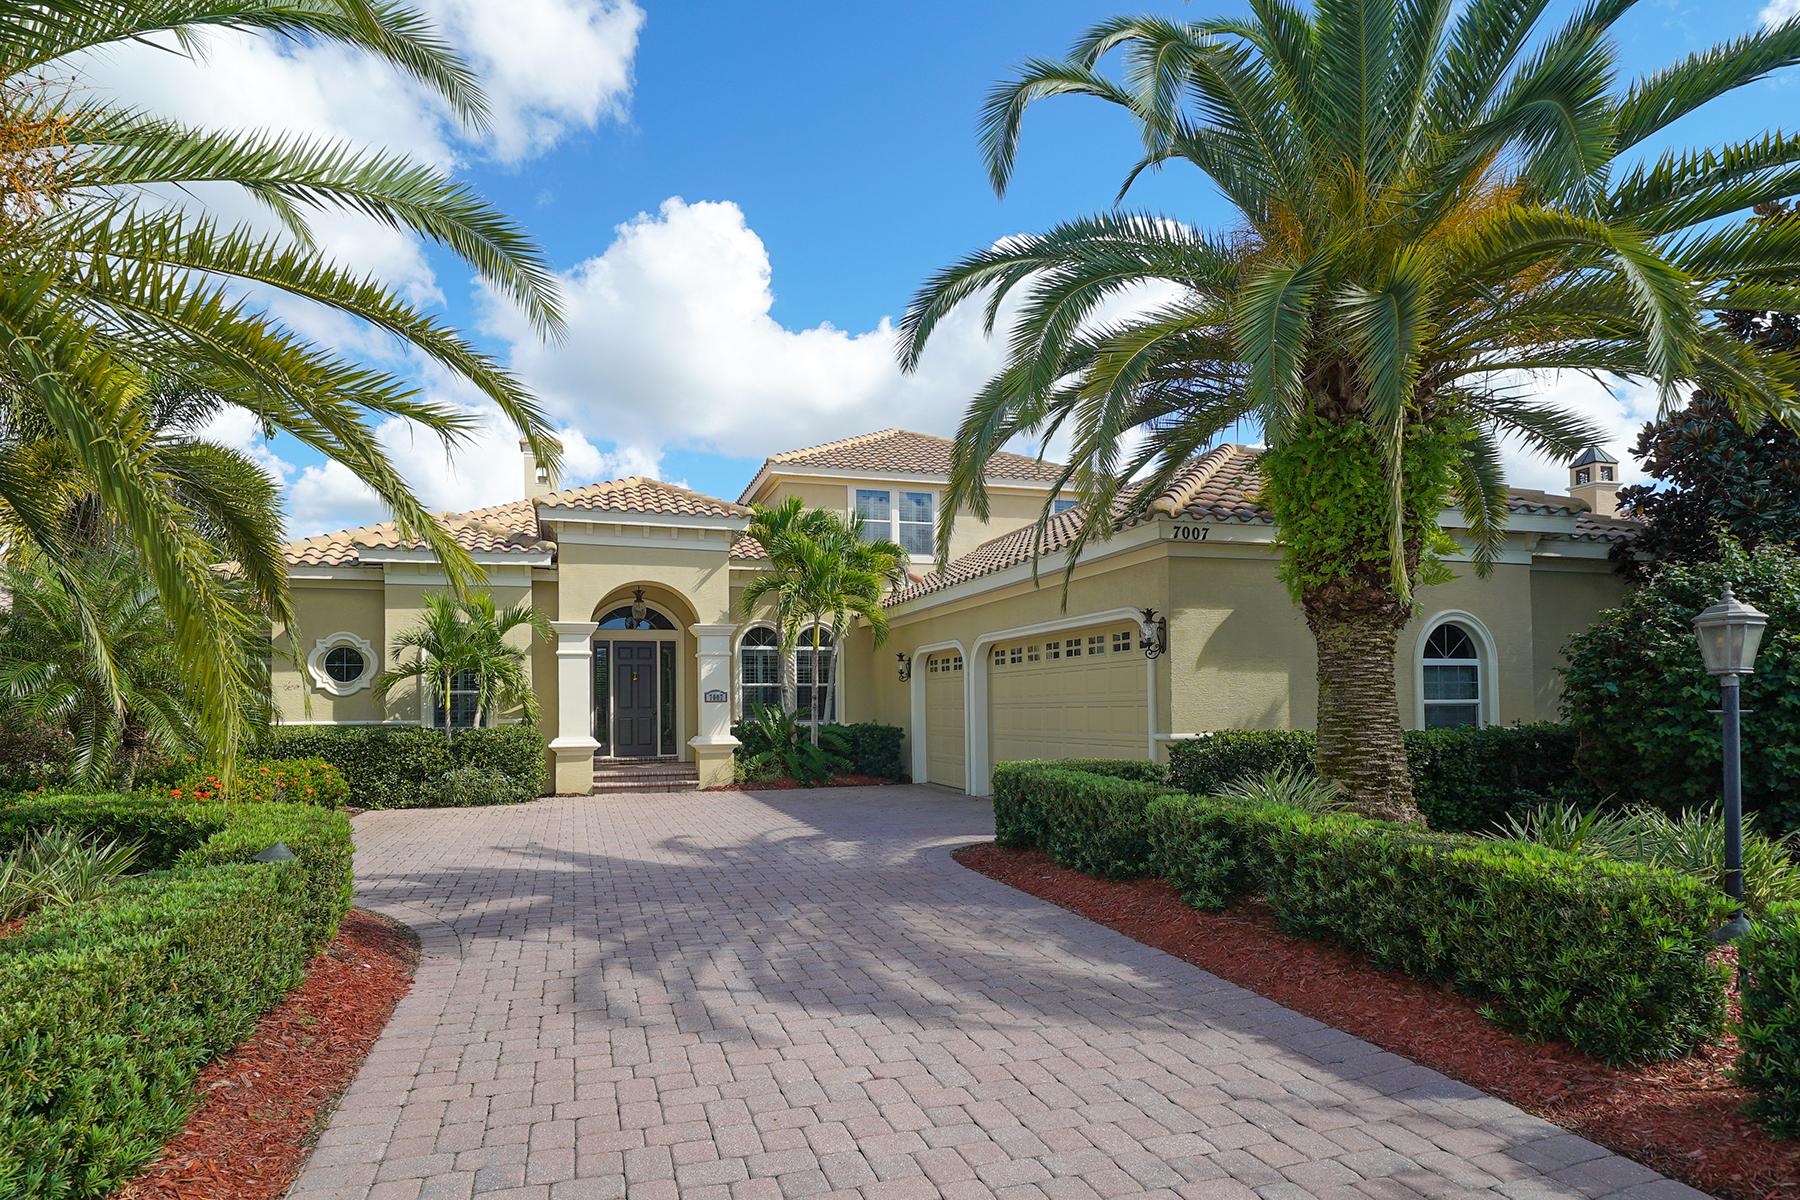 Single Family Homes für Verkauf beim LAKEWOOD RANCH COUNTRY CLUB 7007 Belmont Ct, Lakewood Ranch, Florida 34202 Vereinigte Staaten